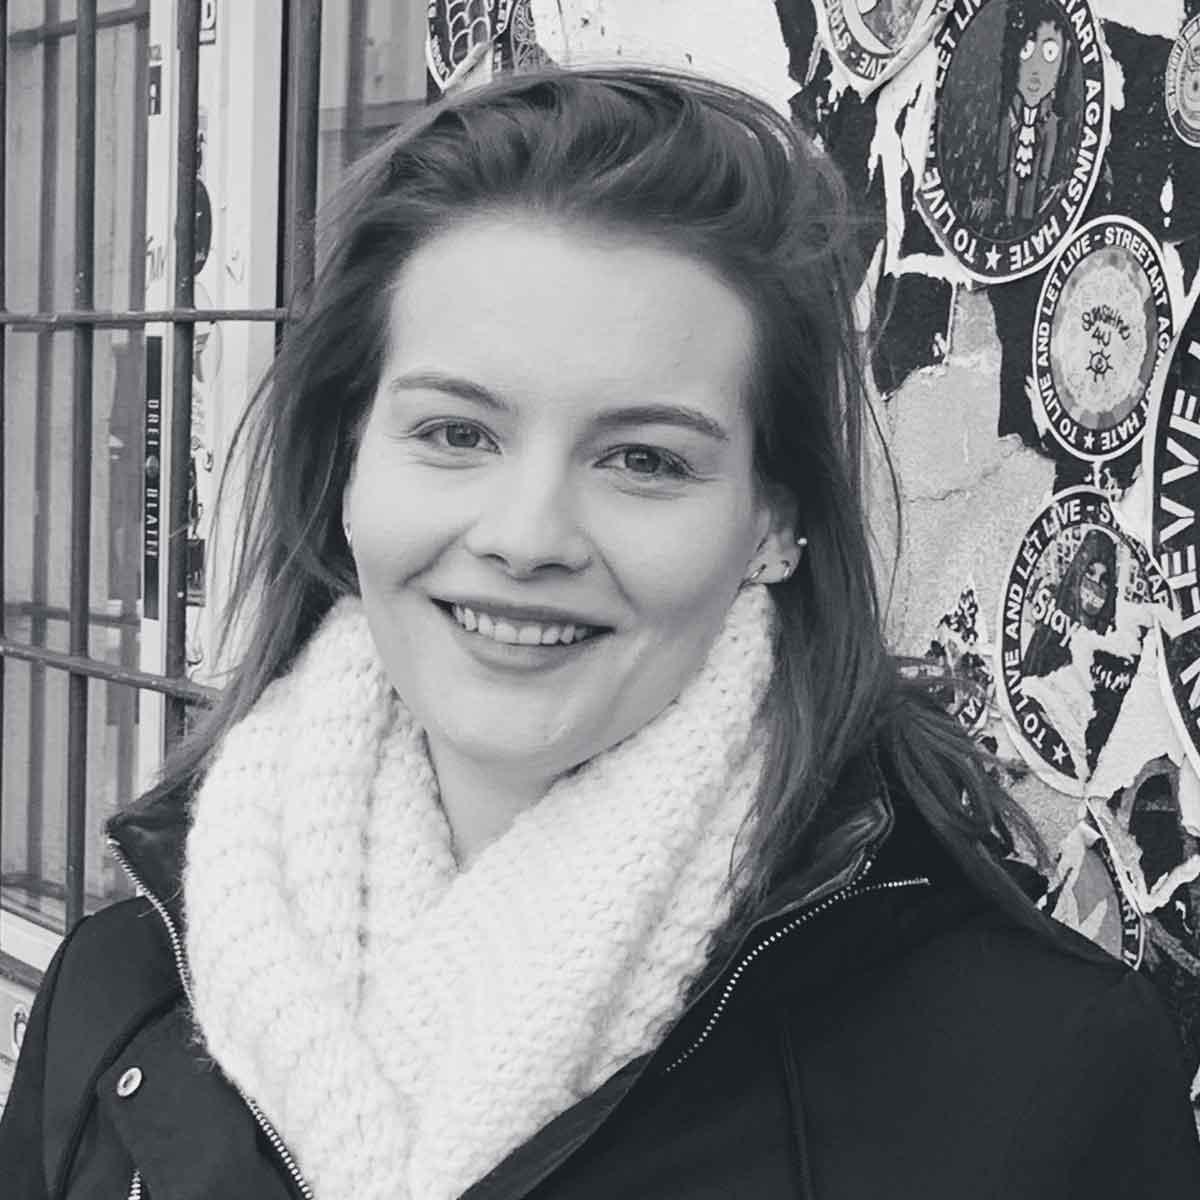 Daisy Muyldermans